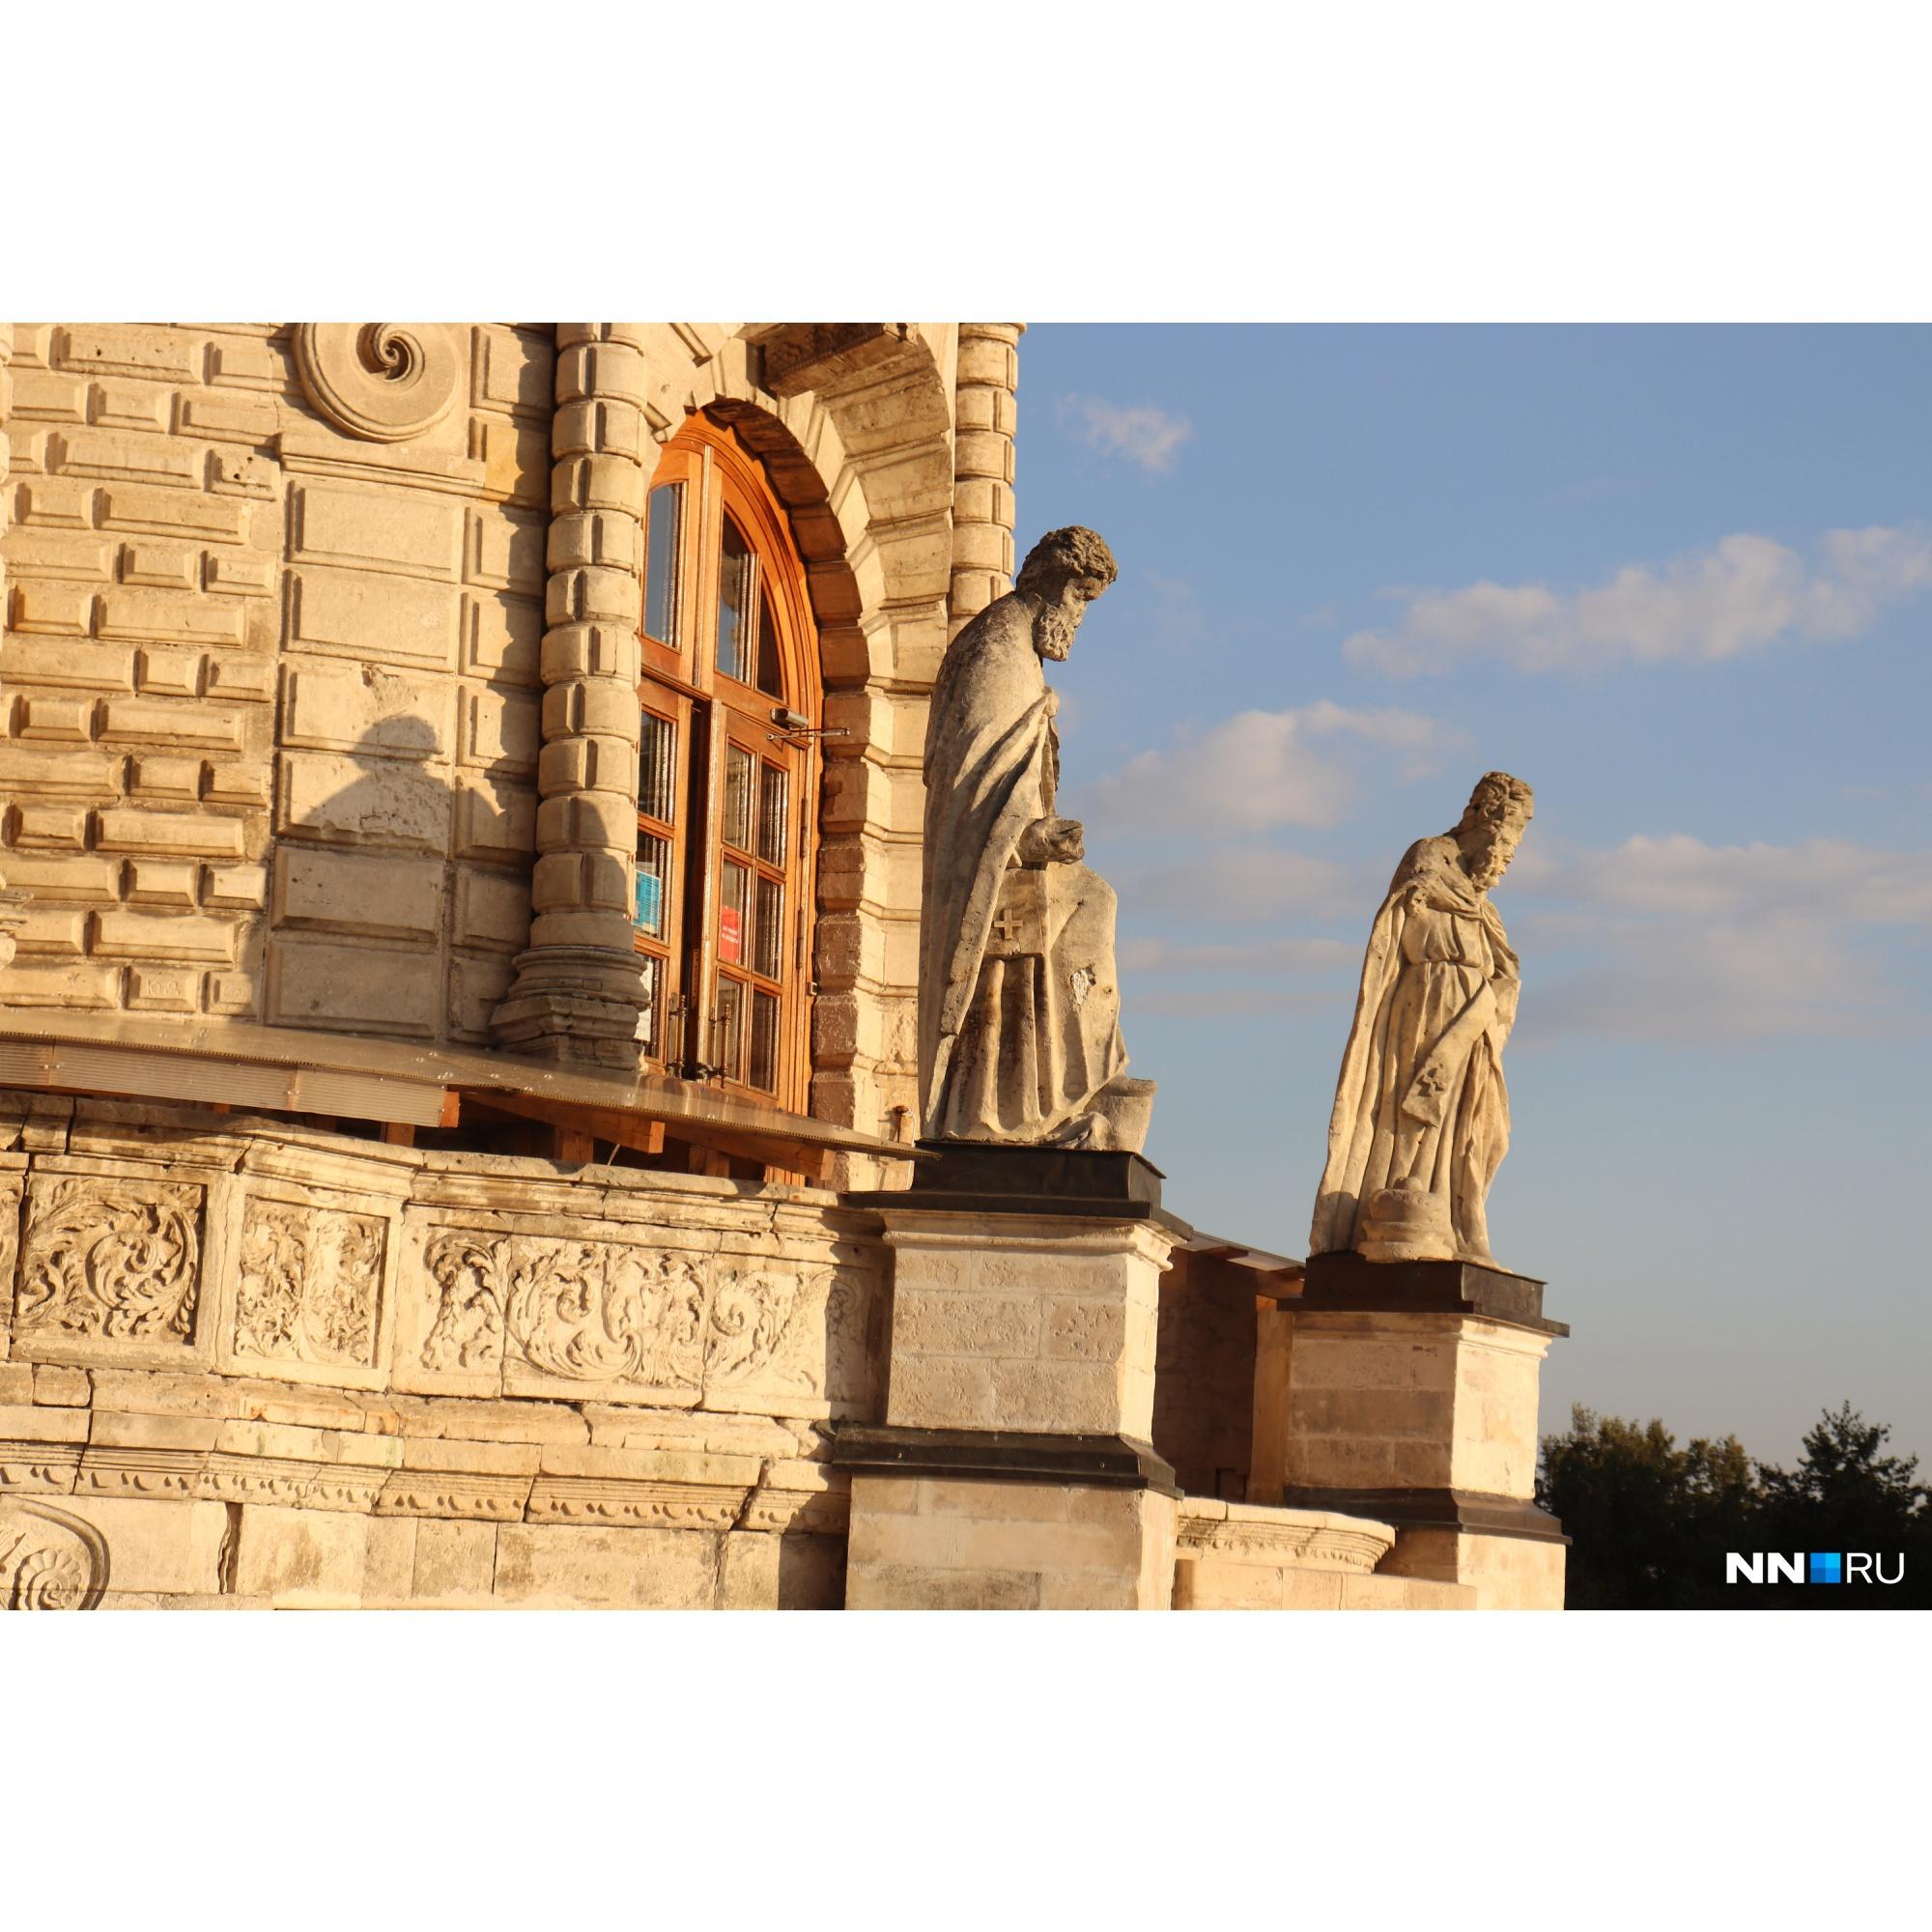 Двенадцать фигур апостолов разделяют грани восьмерика: восемь скульптур по его углам и четыре — перед окнами